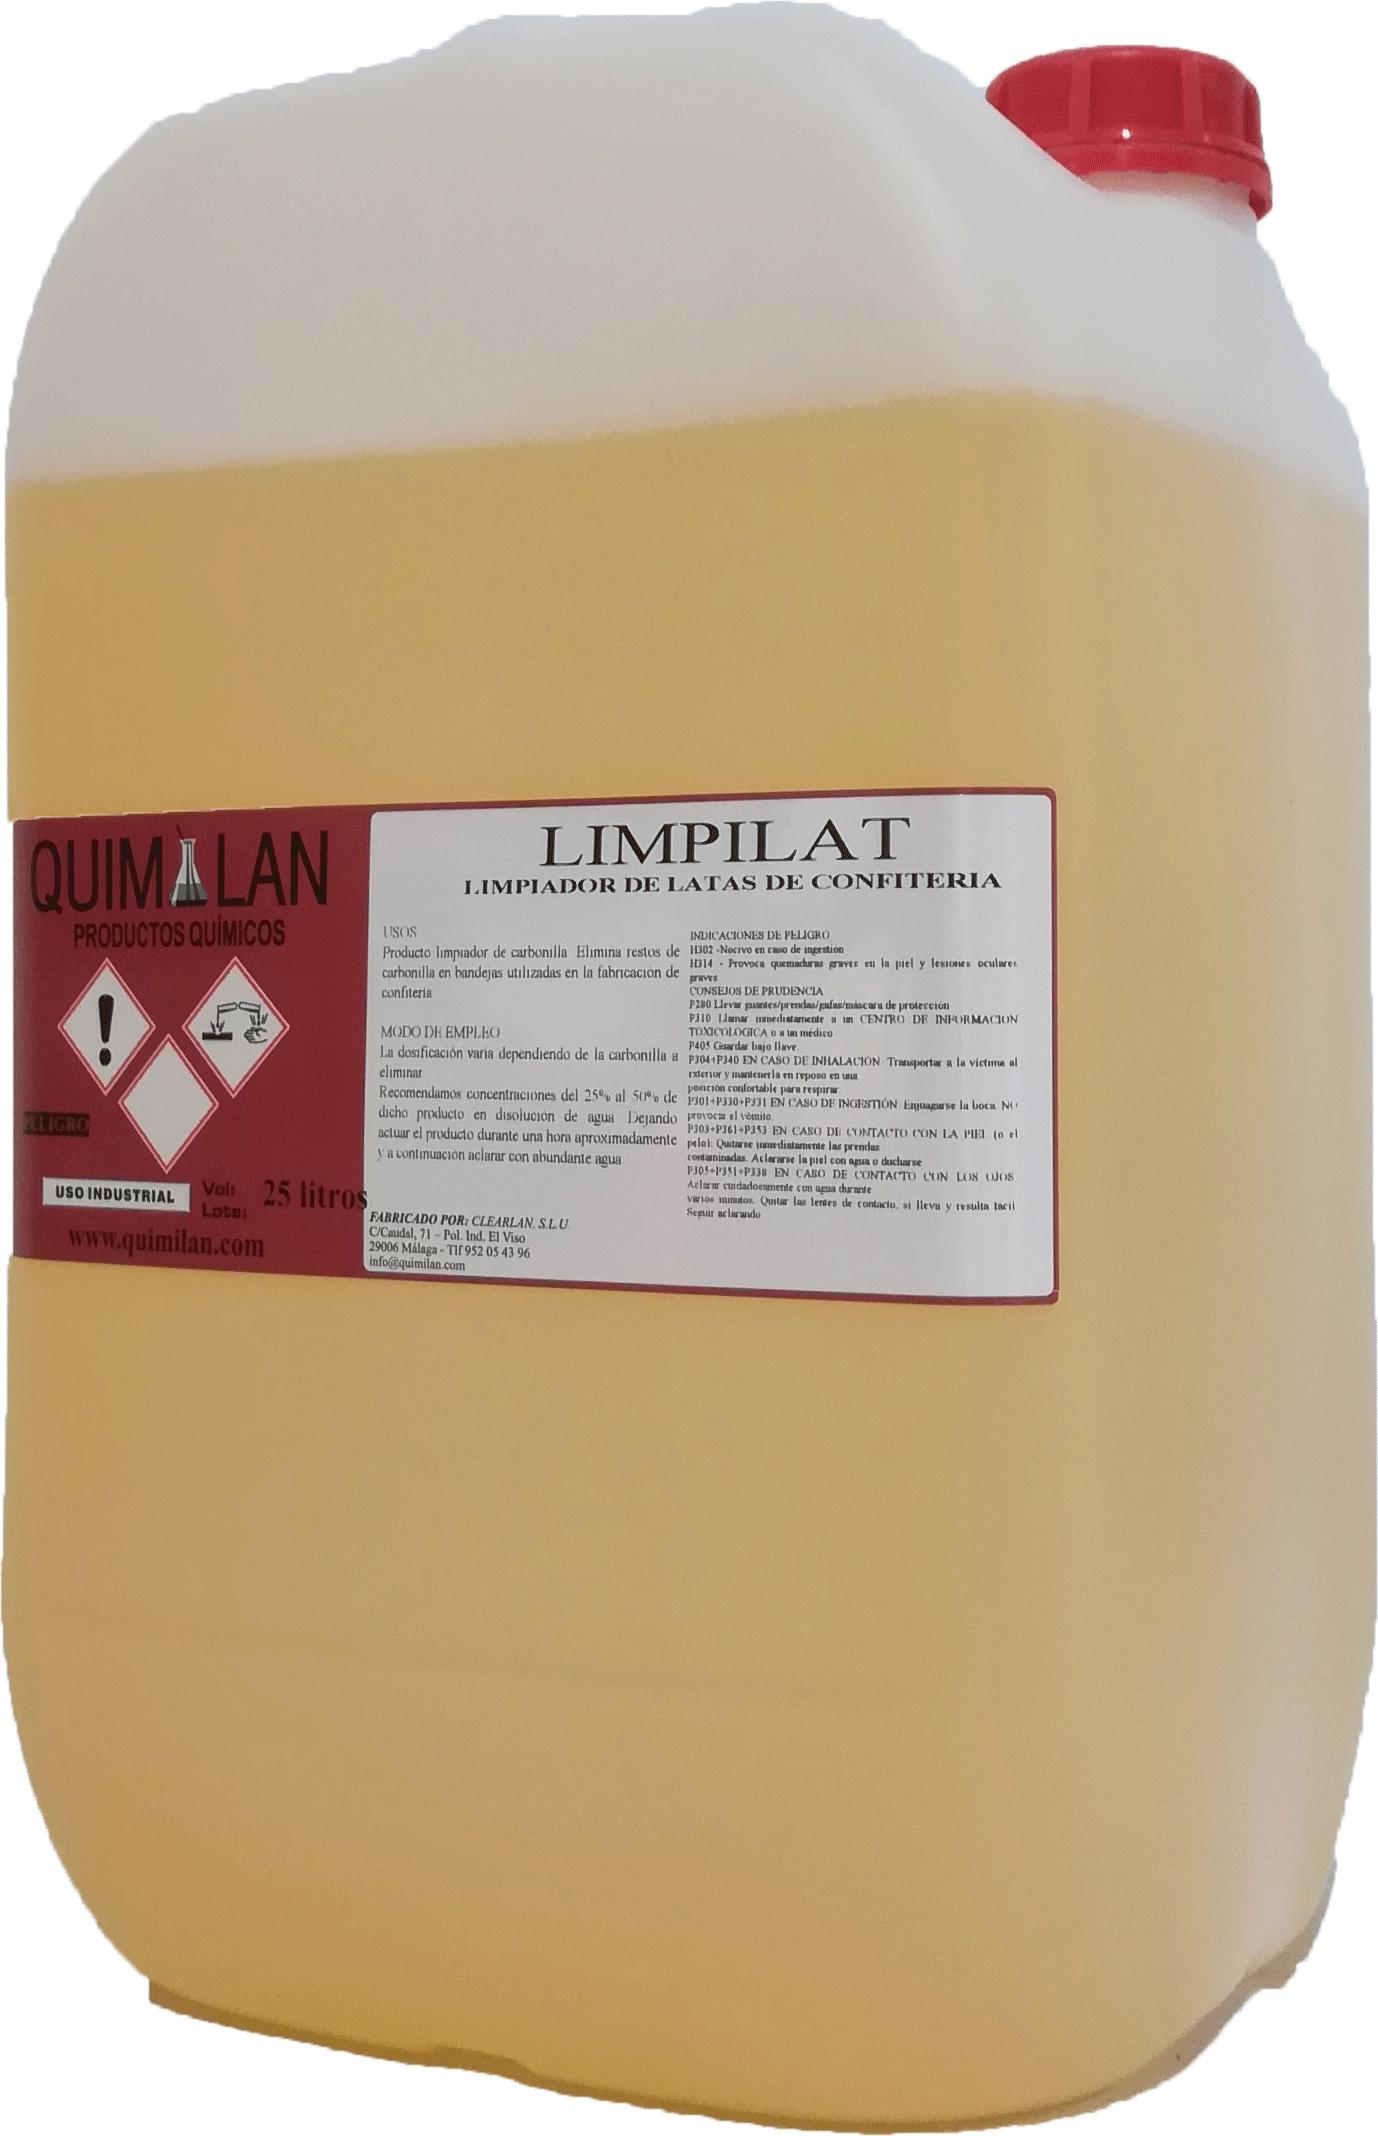 Productos Quimicos Limpieza Limpilat Quimilan en Malaga